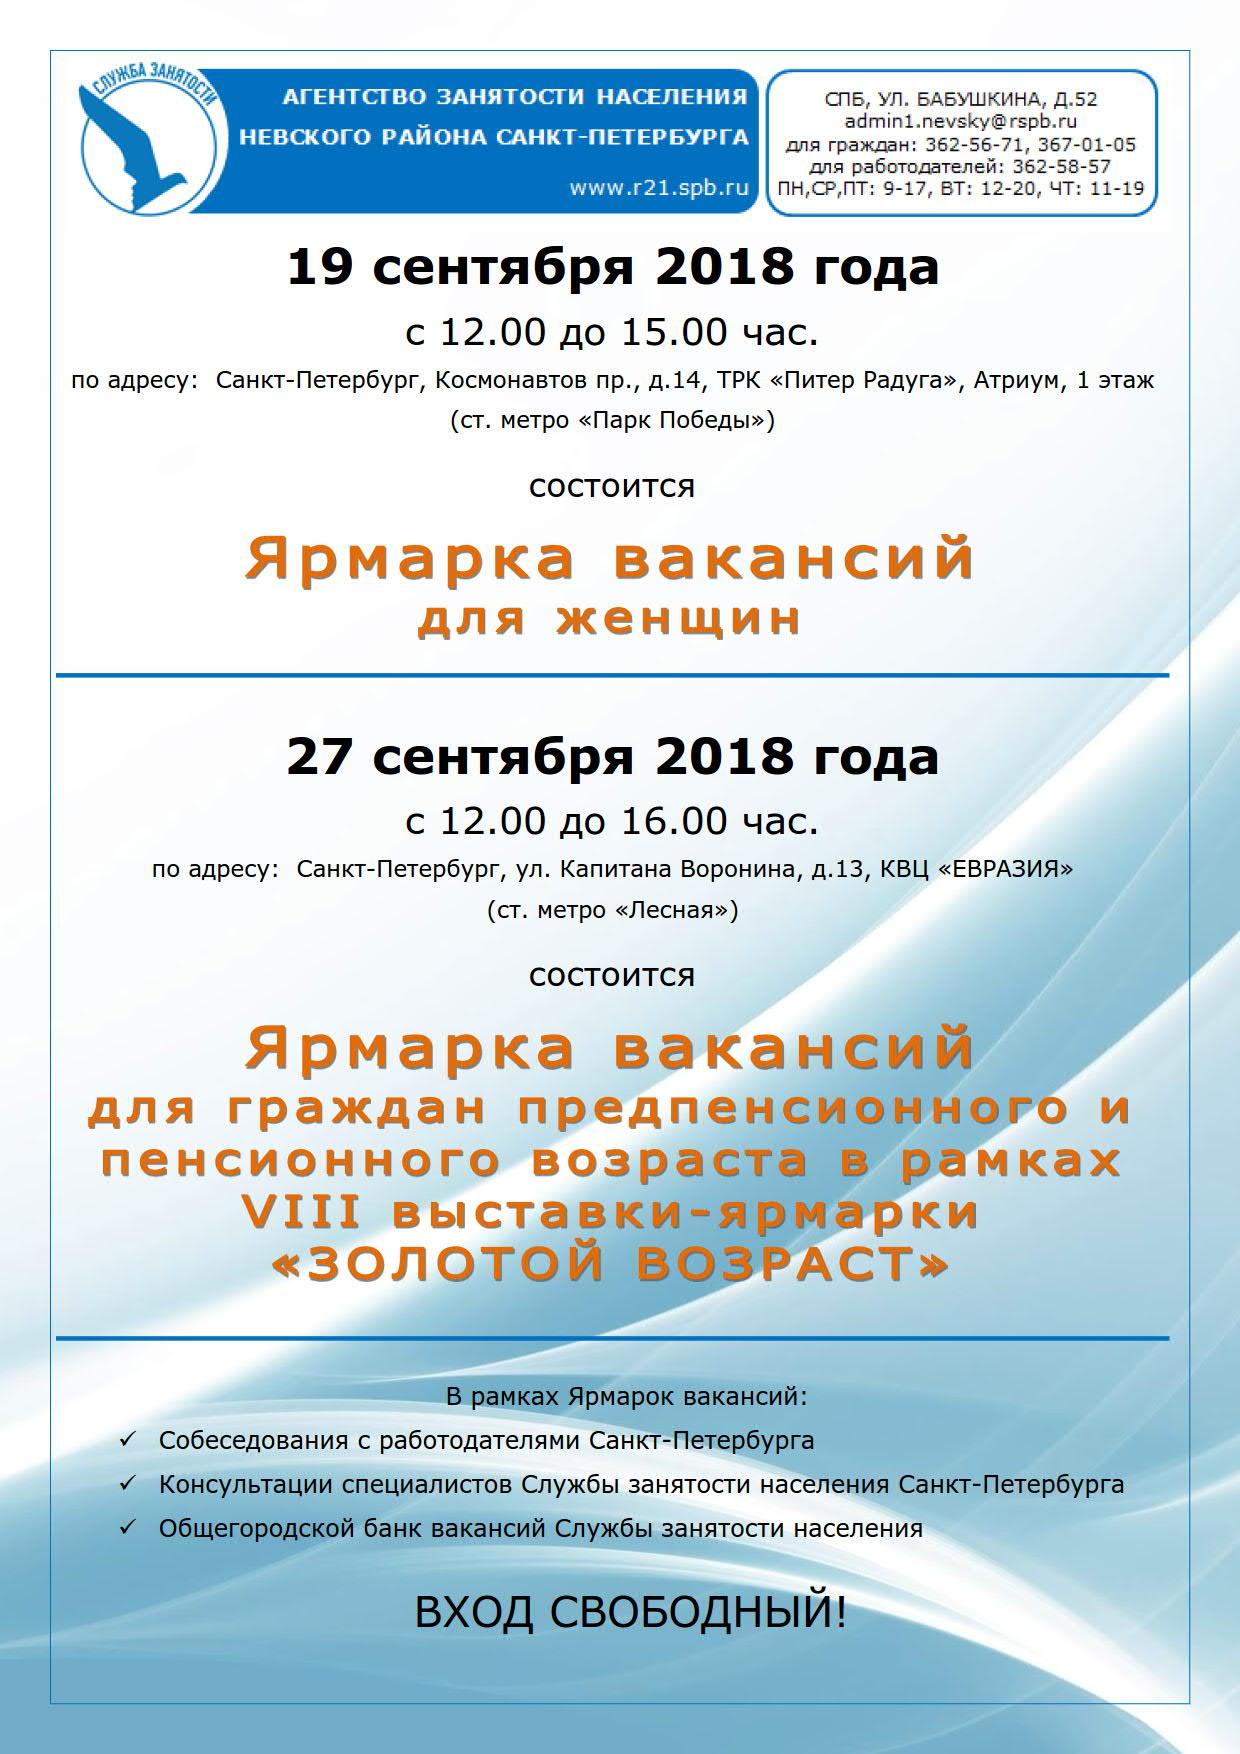 Объявление ЯВ для женщин 19.09.18 и пенсионеров 27.09.18_1